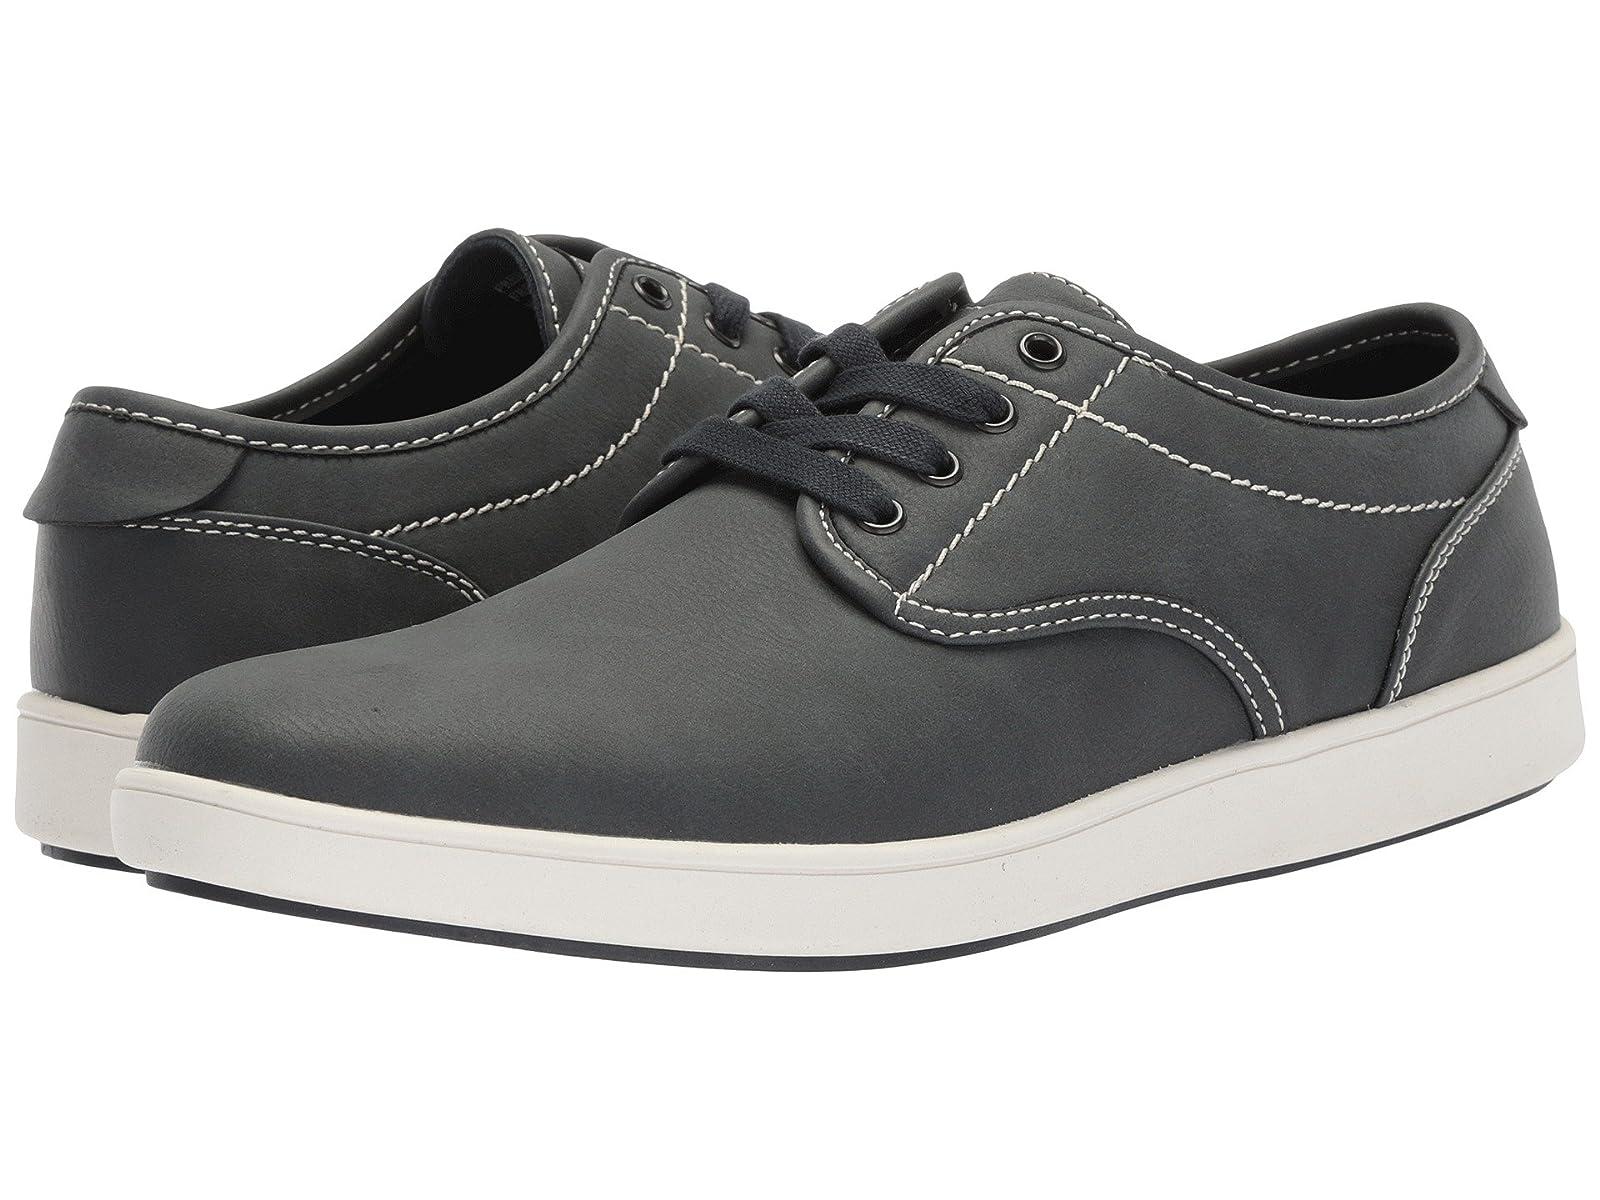 Steve Madden FreezaAtmospheric grades have affordable shoes